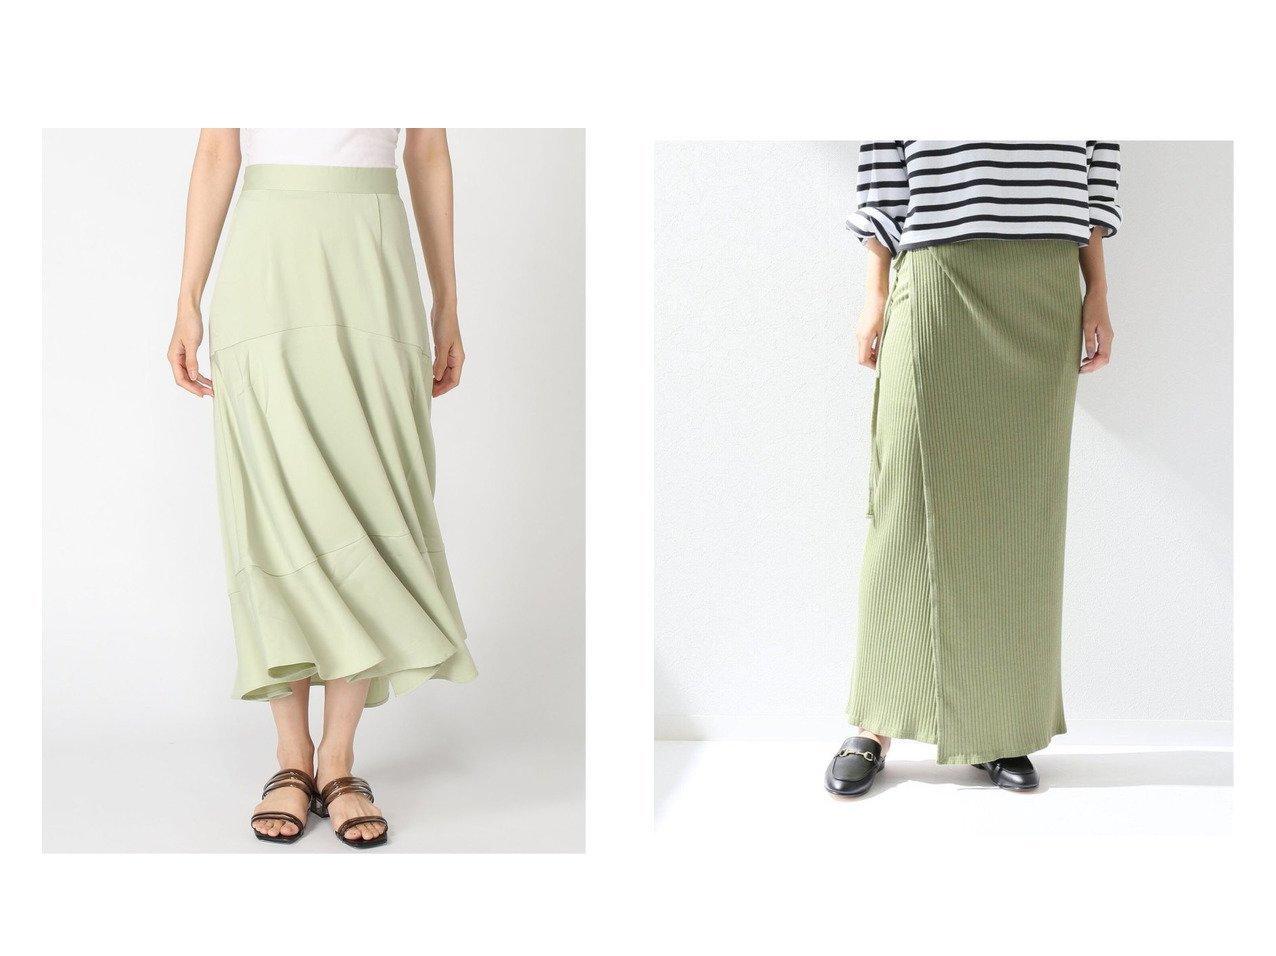 【JEANASiS/ジーナシス】のサテンキリカエティアードSK&【FRAMeWORK/フレームワーク】の【BASERANGE】BRIG SKIRT 【スカート】おすすめ!人気、トレンド・レディースファッションの通販   おすすめで人気の流行・トレンド、ファッションの通販商品 インテリア・家具・メンズファッション・キッズファッション・レディースファッション・服の通販 founy(ファニー) https://founy.com/ ファッション Fashion レディースファッション WOMEN スカート Skirt ロングスカート Long Skirt NEW・新作・新着・新入荷 New Arrivals おすすめ Recommend サテン ジャージ スウェット フレア ベーシック ロング 切替 2021年 2021 2021-2022秋冬・A/W AW・Autumn/Winter・FW・Fall-Winter・2021-2022 A/W・秋冬 AW・Autumn/Winter・FW・Fall-Winter アンダー シンプル フランス  ID:crp329100000064817